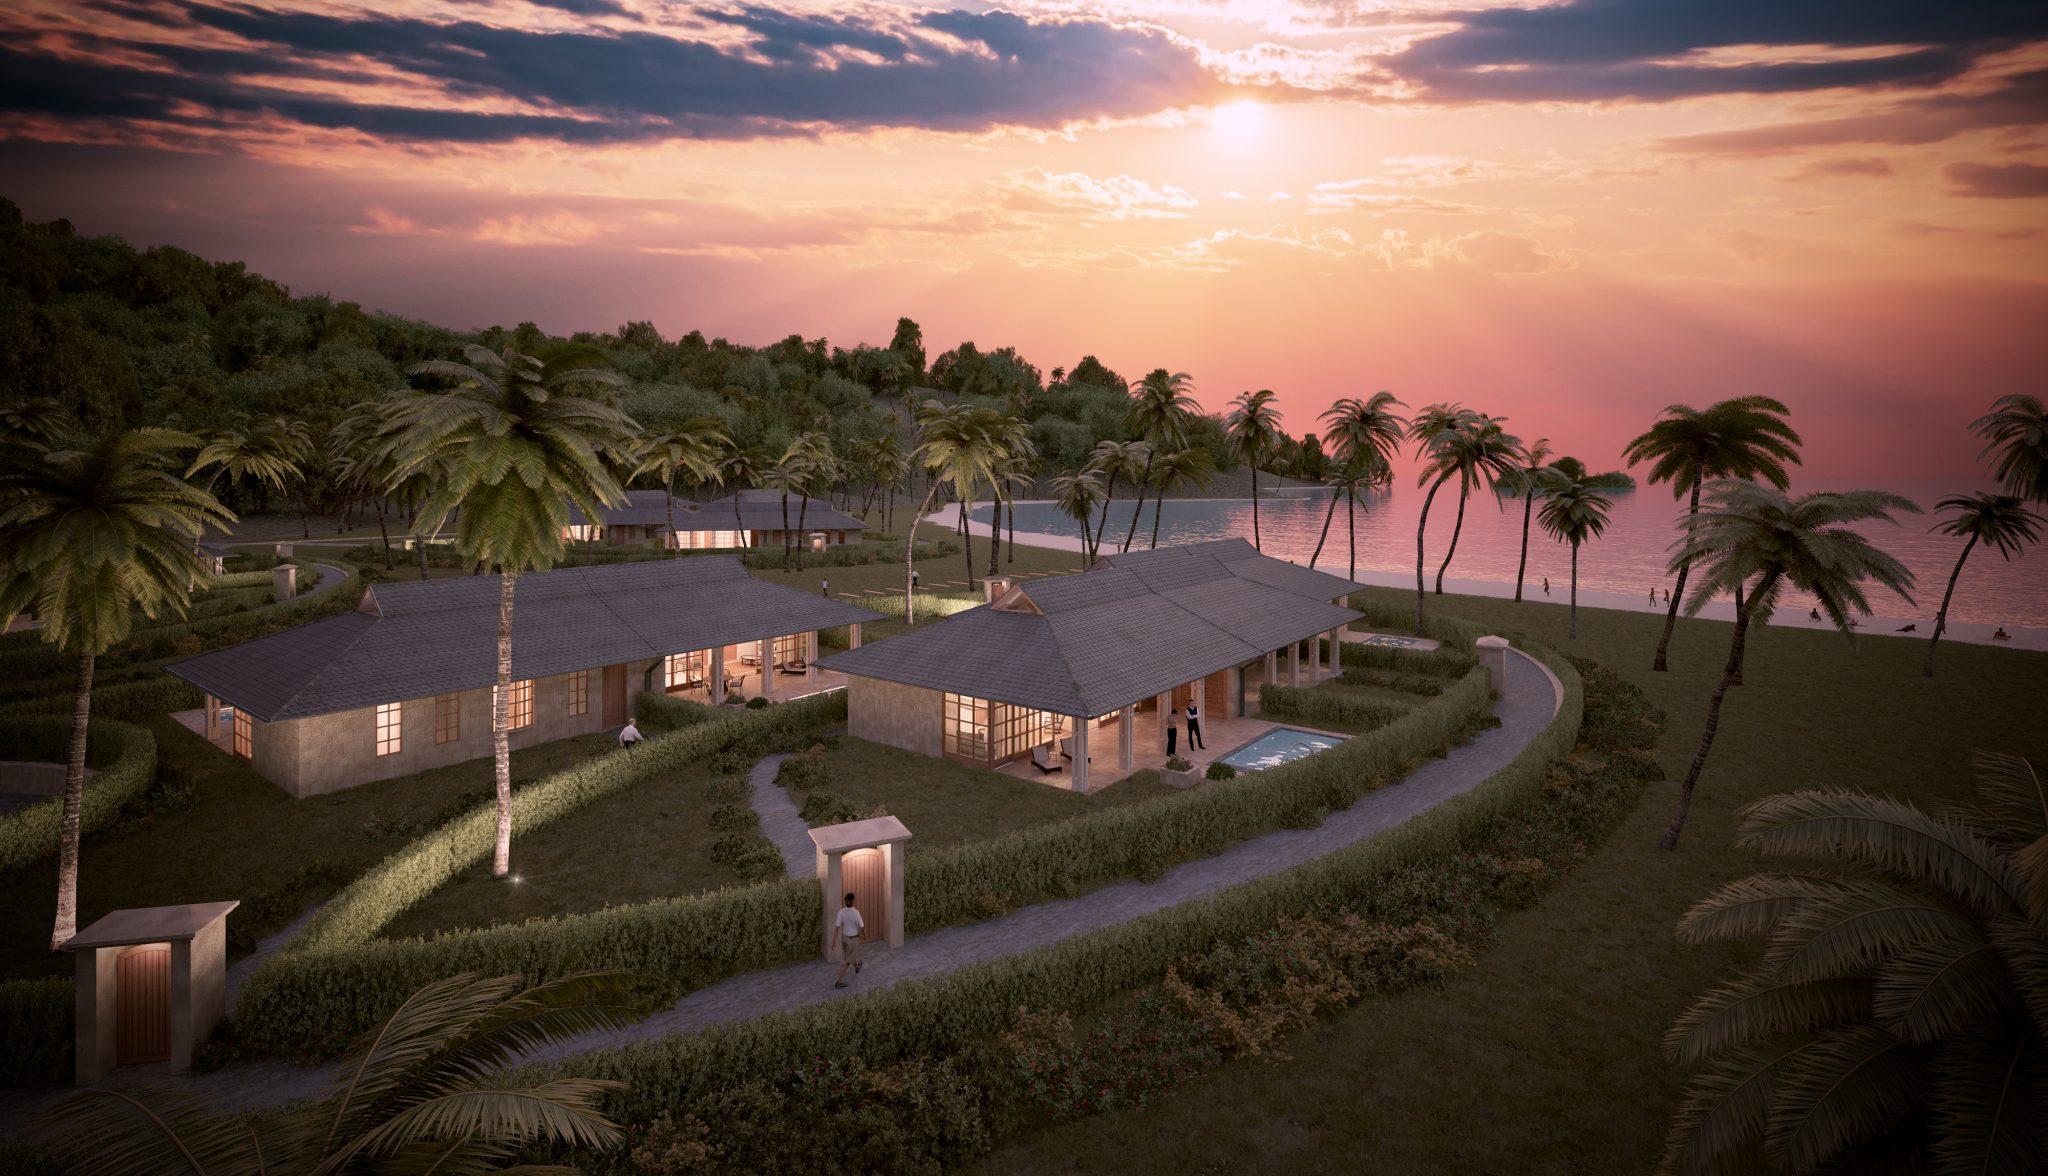 Fin solnedgång över standvillorna i Karibien, ritade av Rex Arkitektbyrå